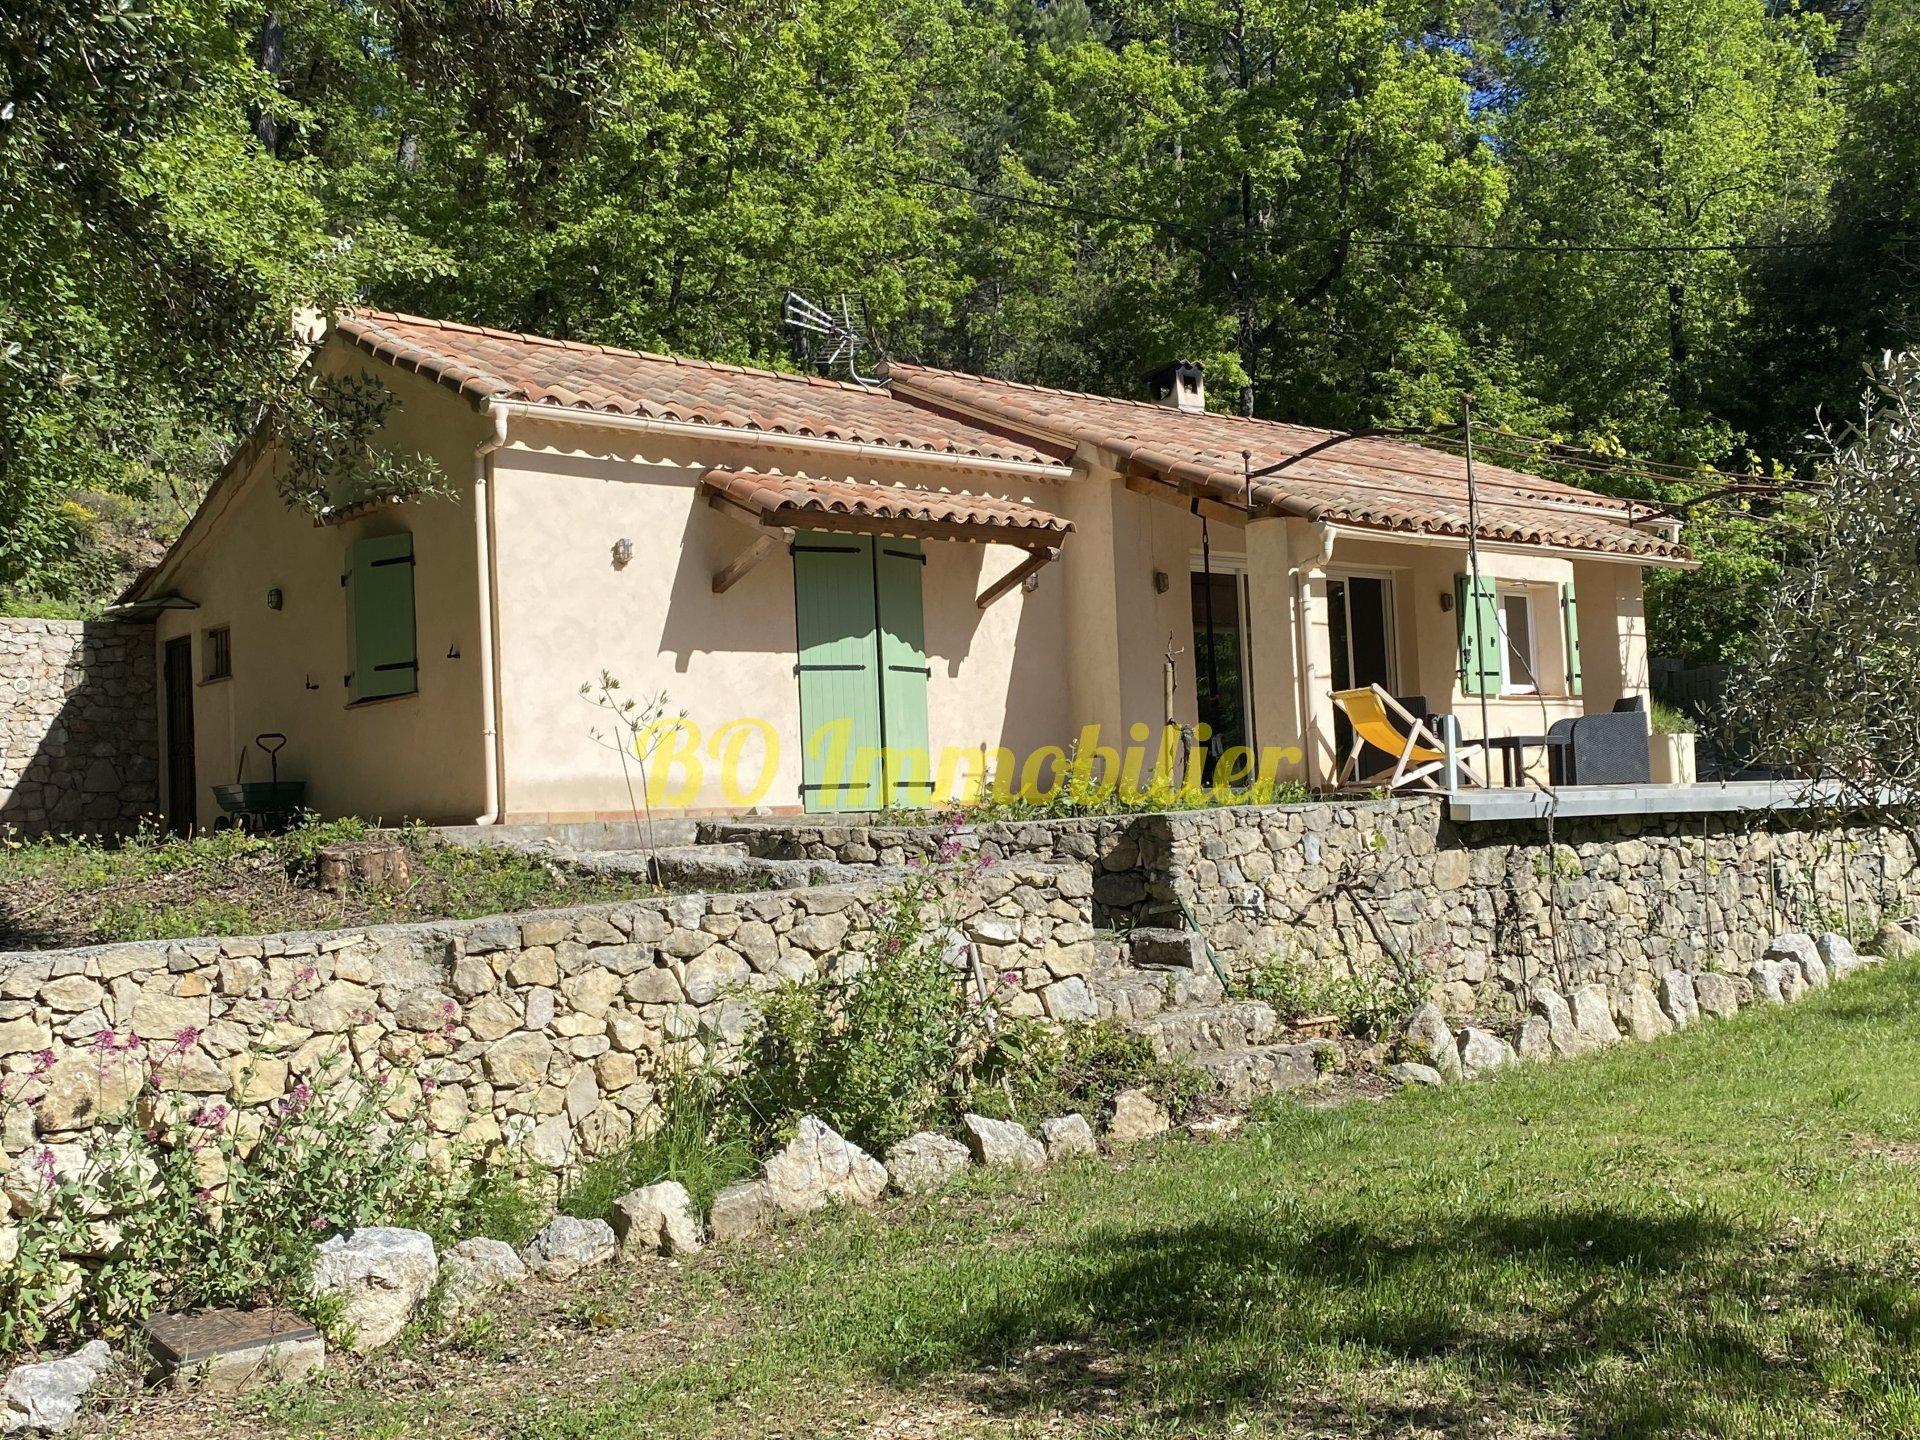 Maison individuelle de 70m² avec possibilité d'extension + 3 box à chevaux + piscine.